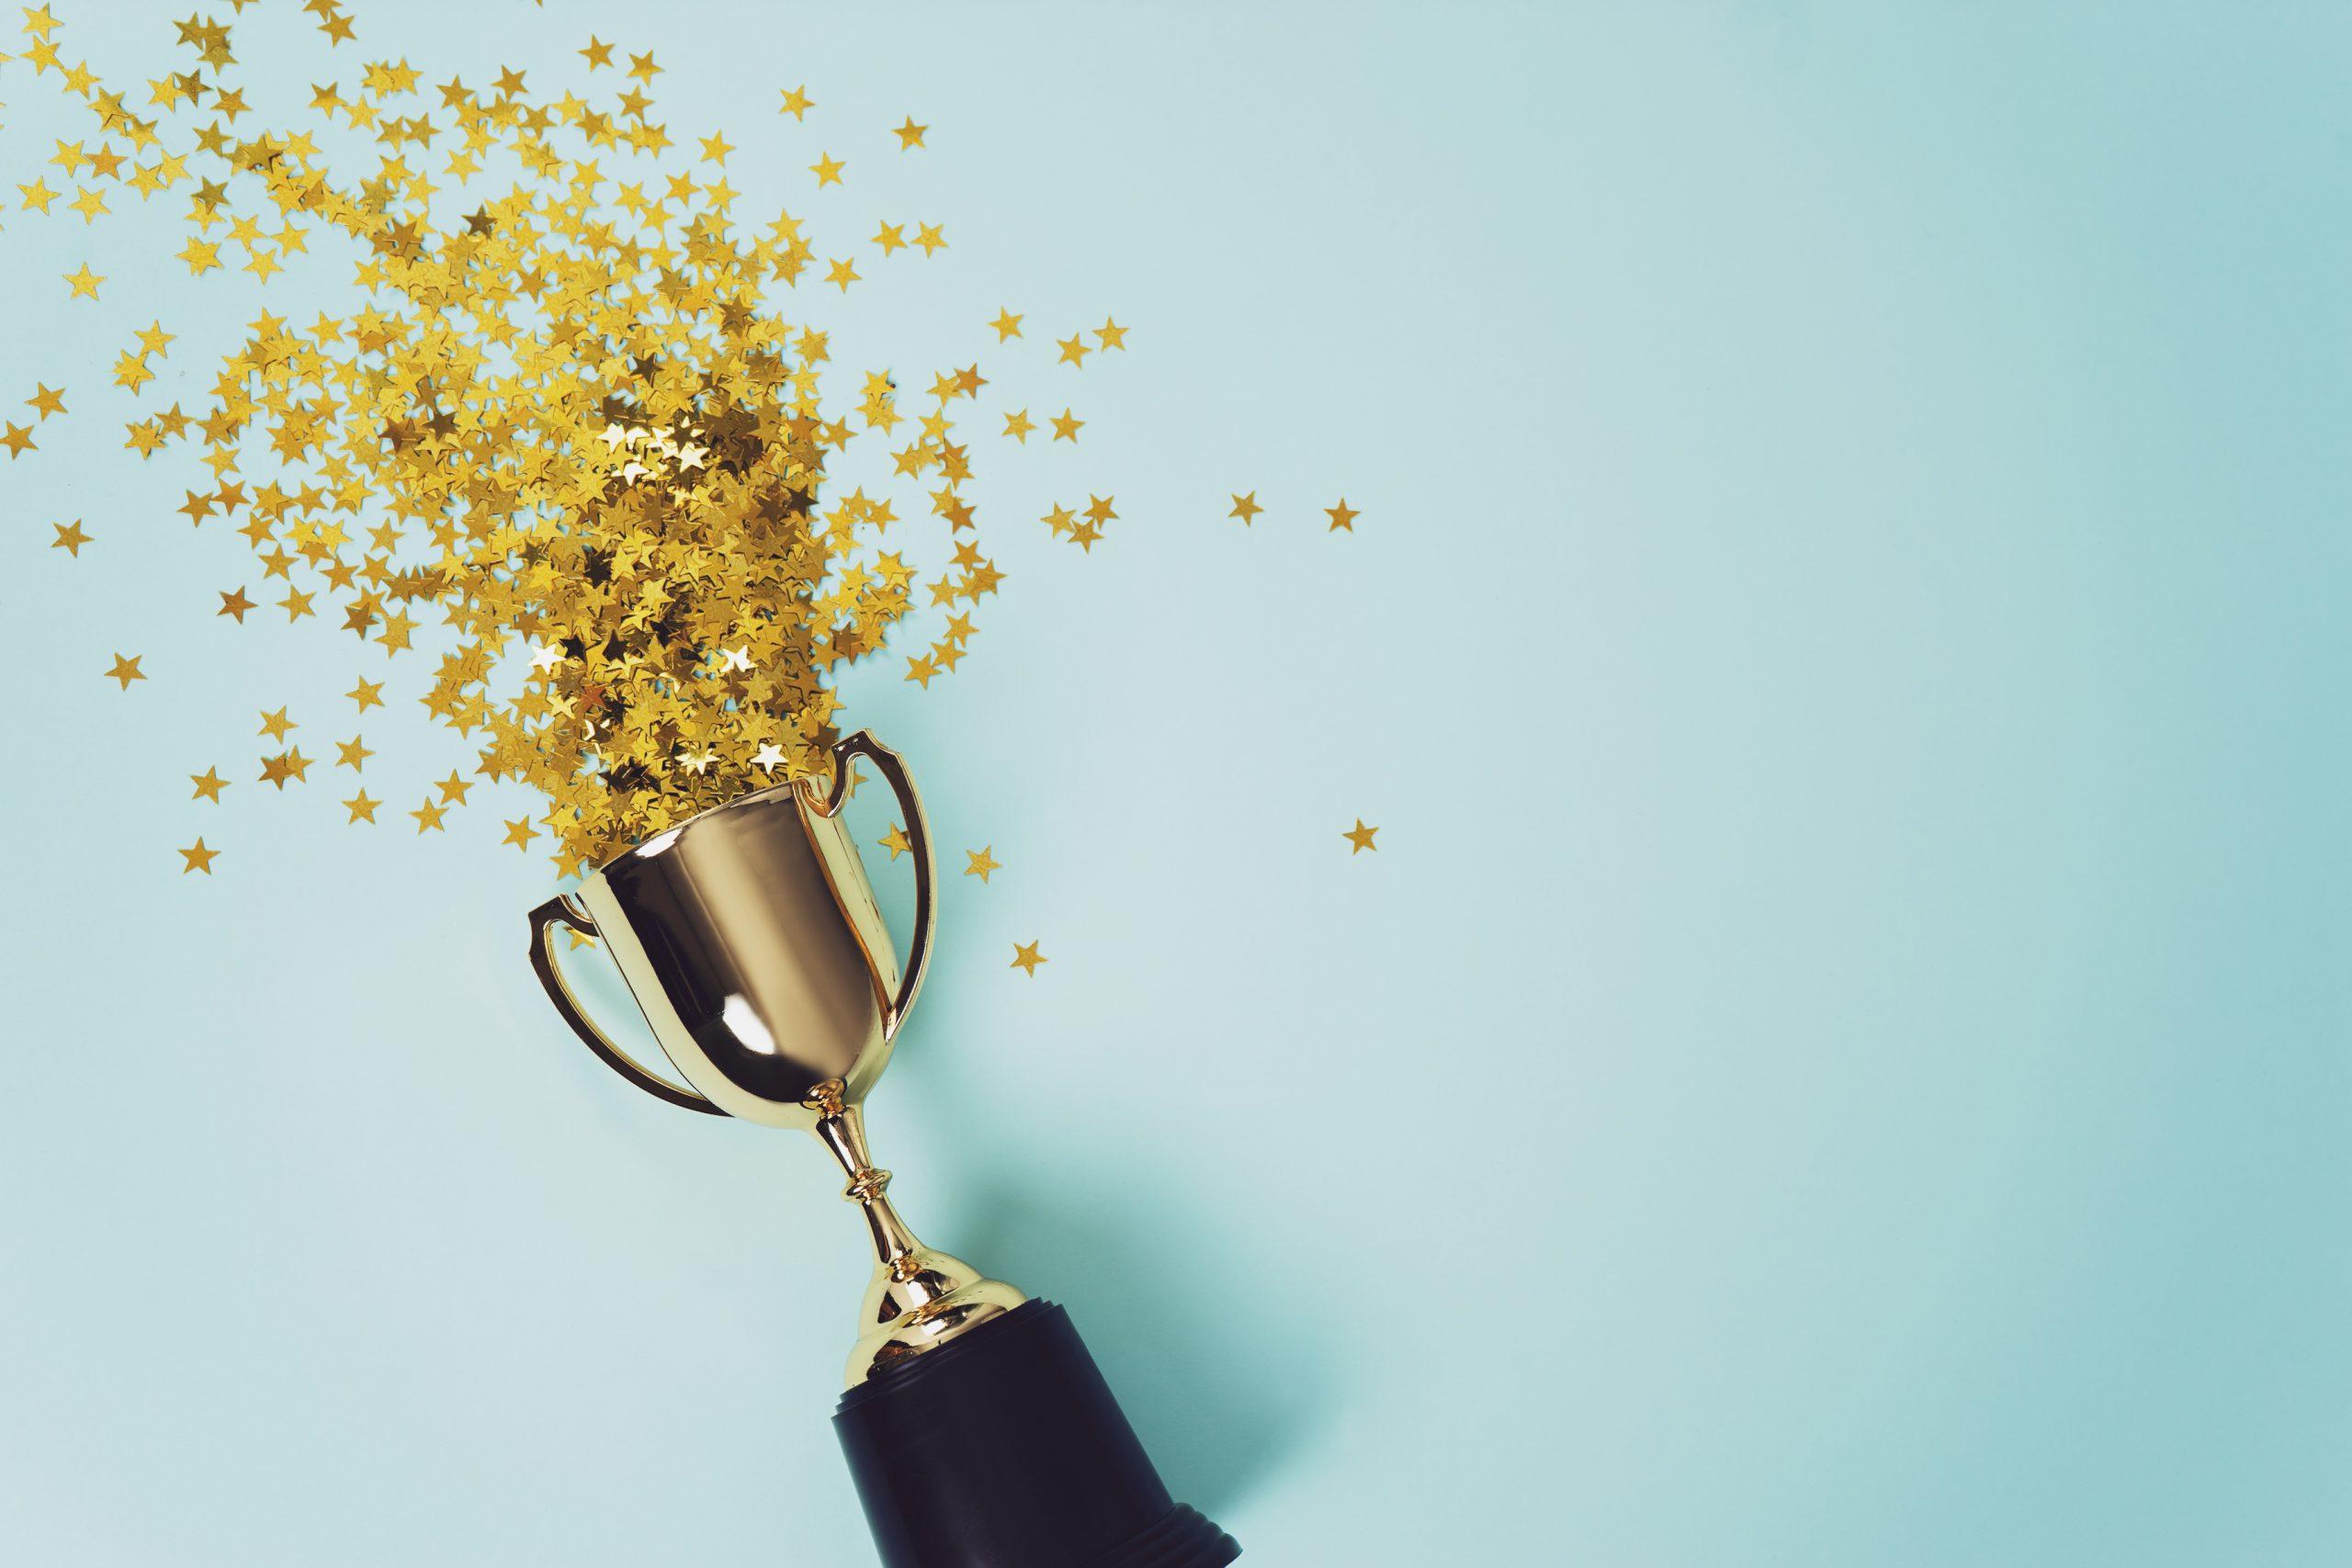 Globos de Oro 2021: amenazas ocultas detrás de las mejores películas y series de TV   Blog oficial de Kaspersky